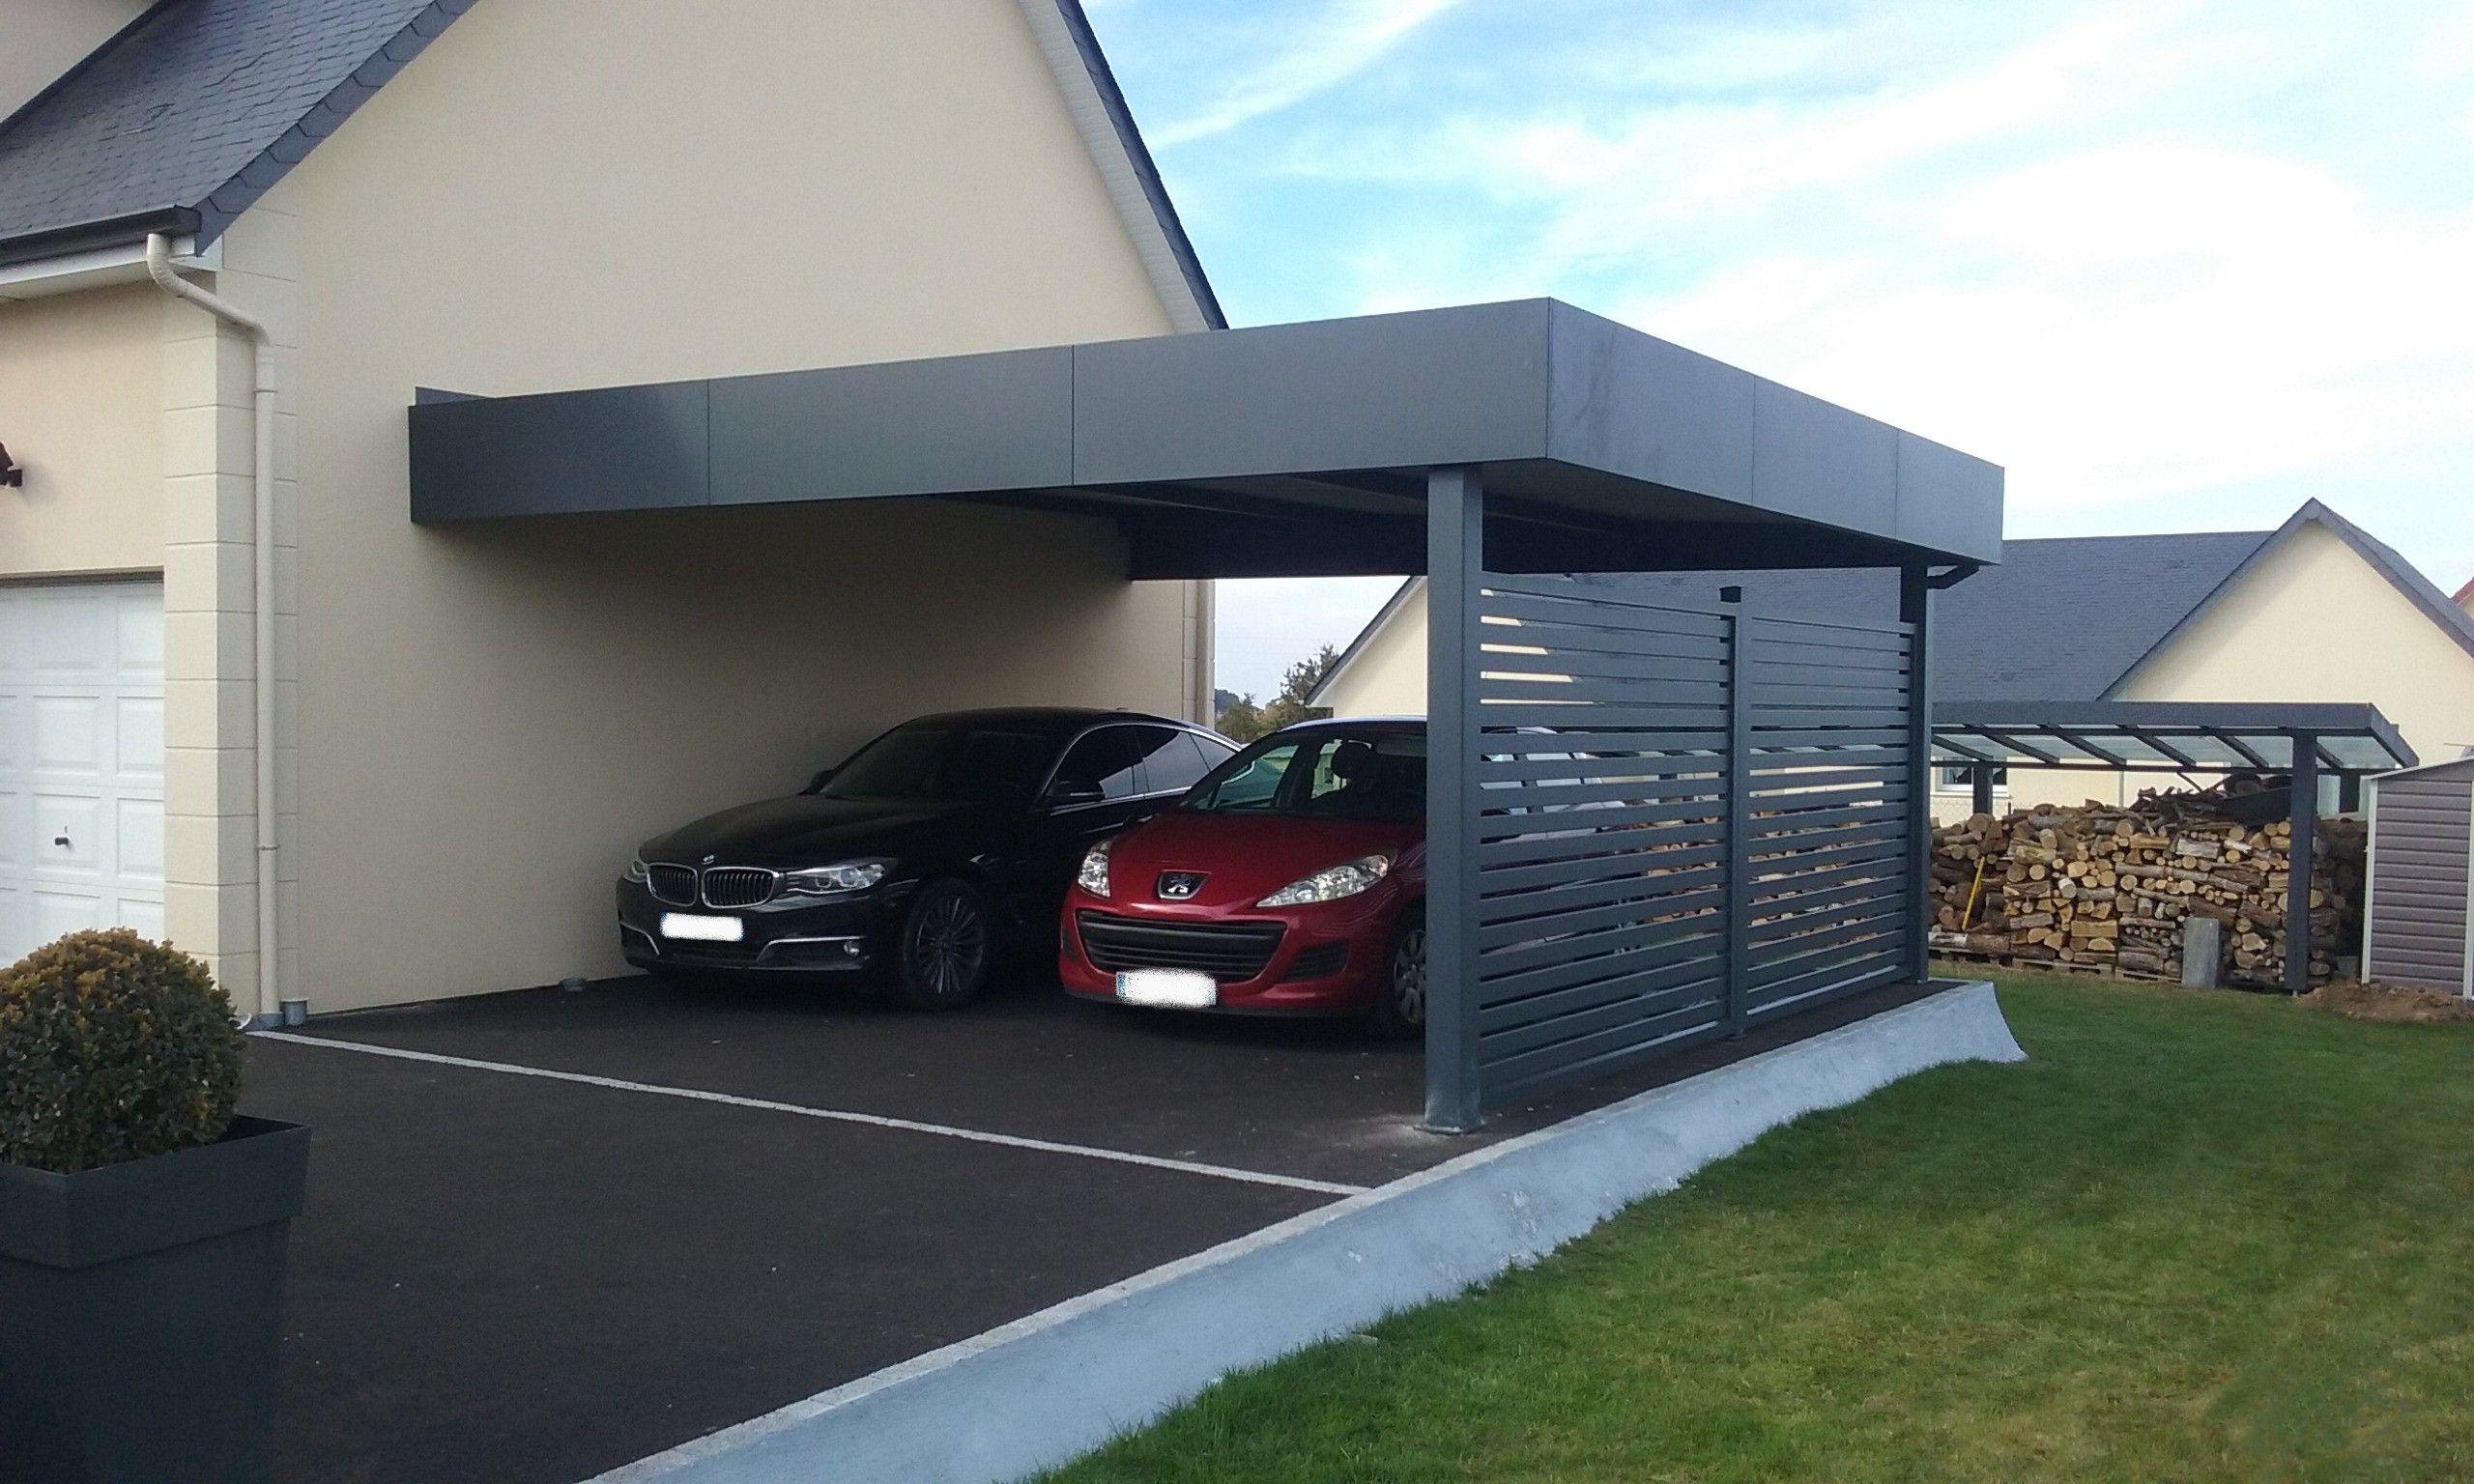 Carport aluminium, préau, abri à deux voitures, adossé à